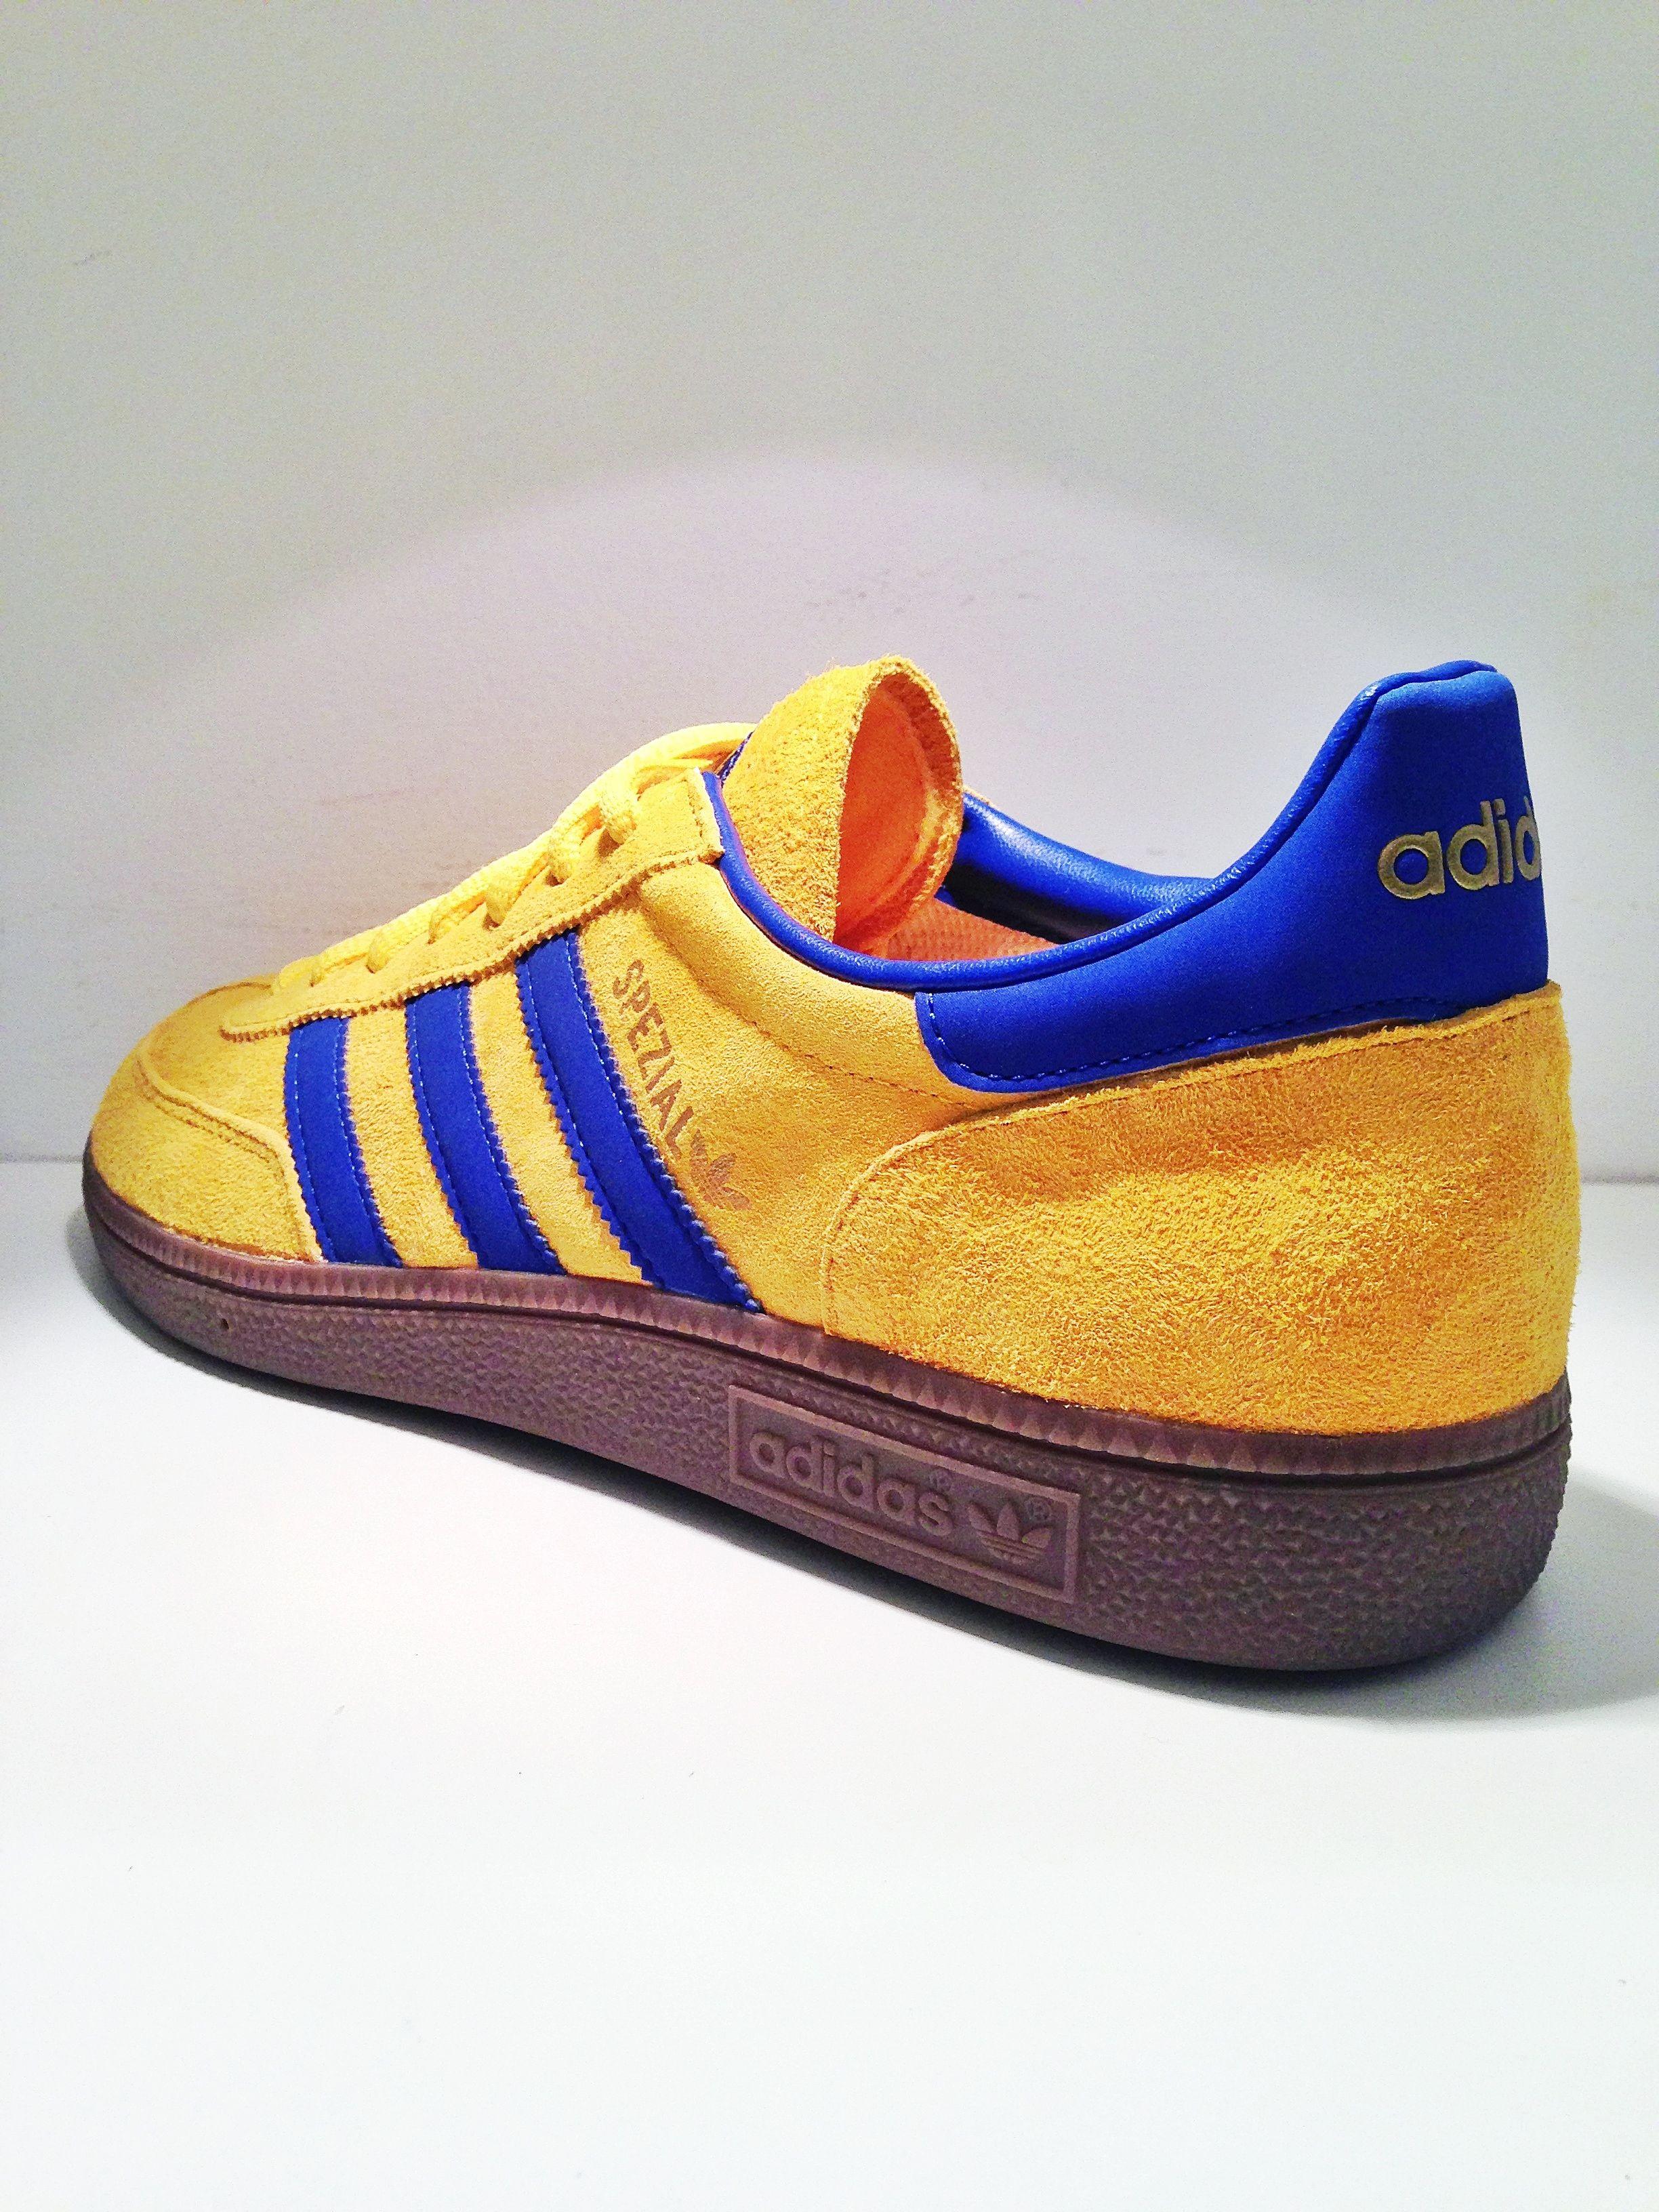 Adidas Spezial #q23097 #adidas #spezial #sunshine #trueblue